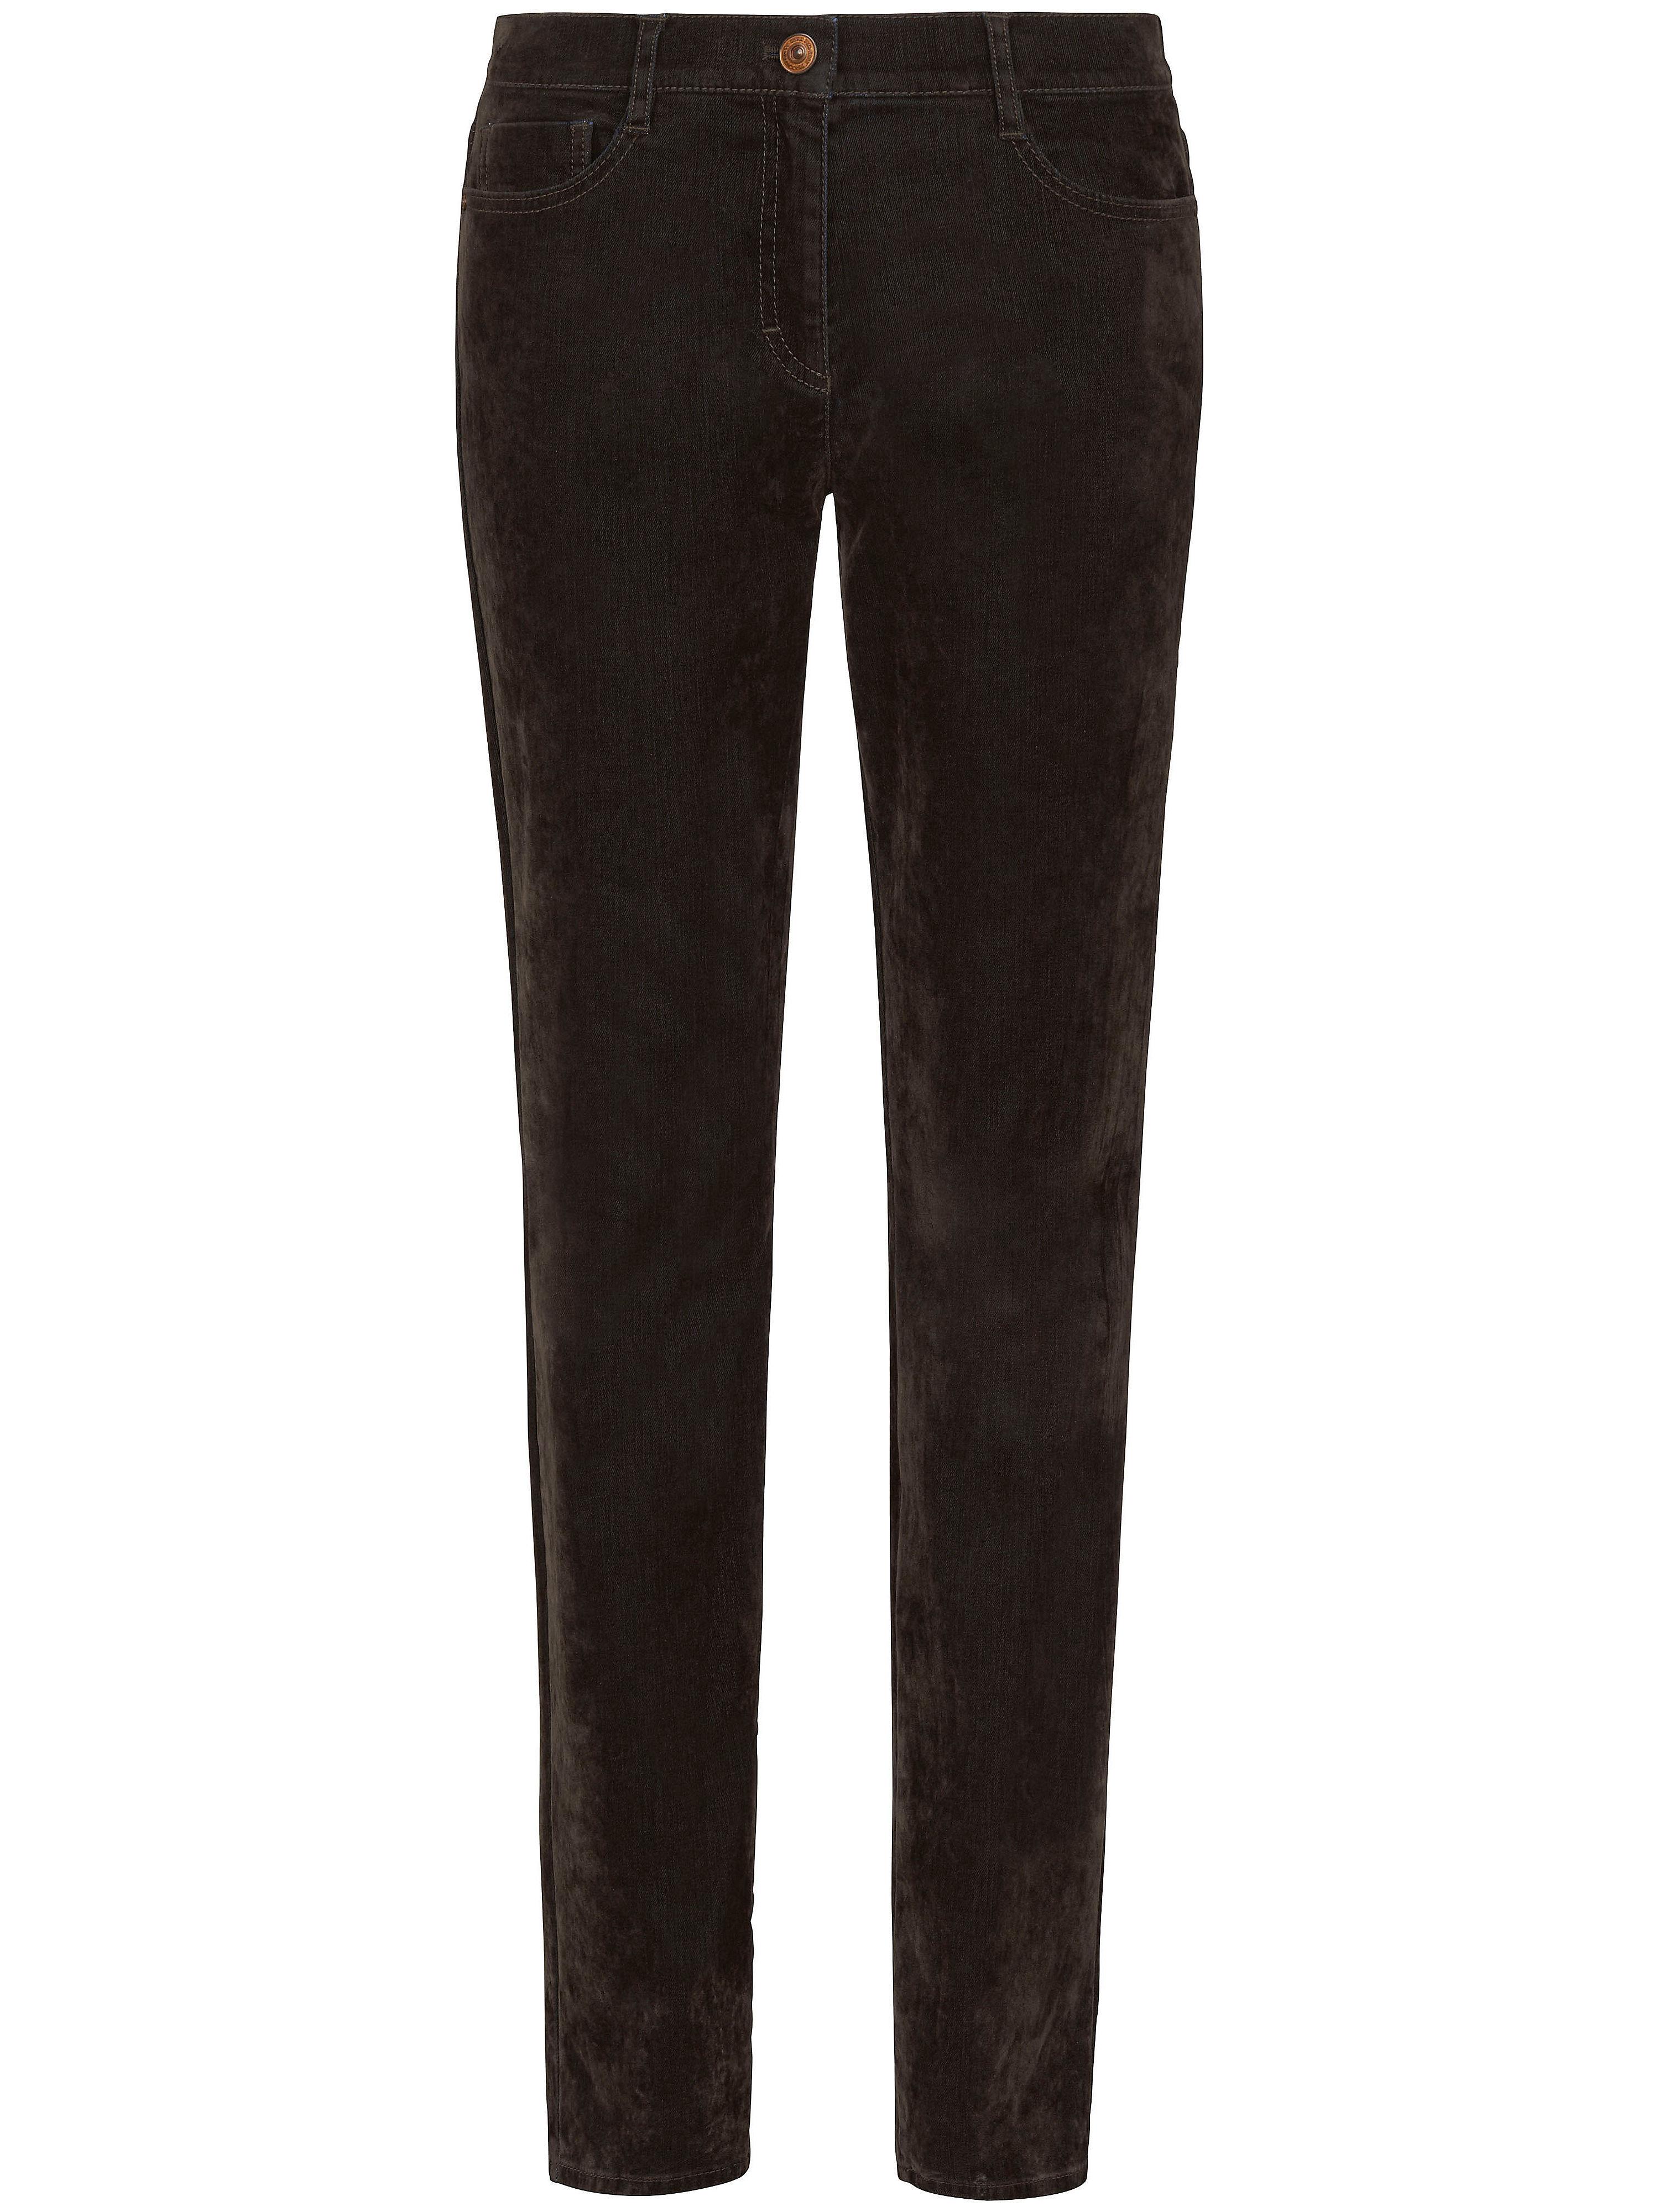 Brax Slim Fit-Jeans Modell Shakira Brax Feel Good grün